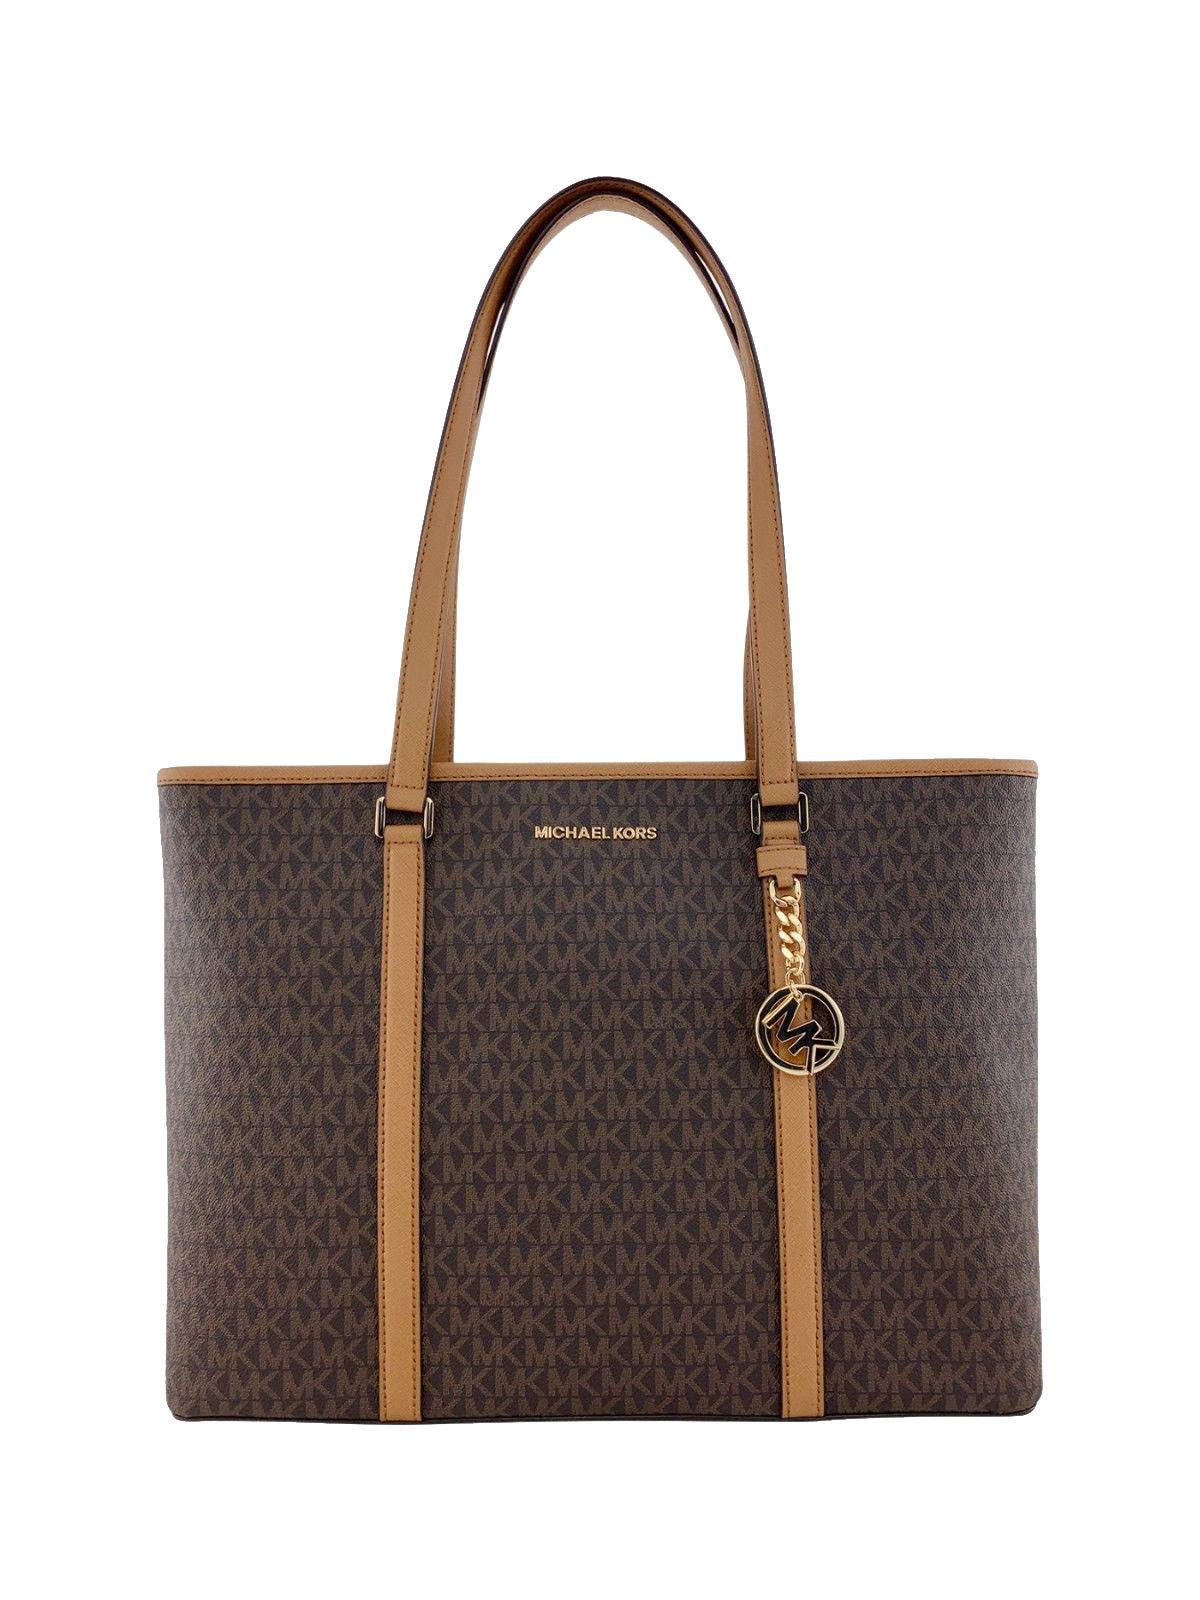 ac723c1b3930 Michael Kors Womens Sady Multifunction Top Zip Tote Bag Brown L